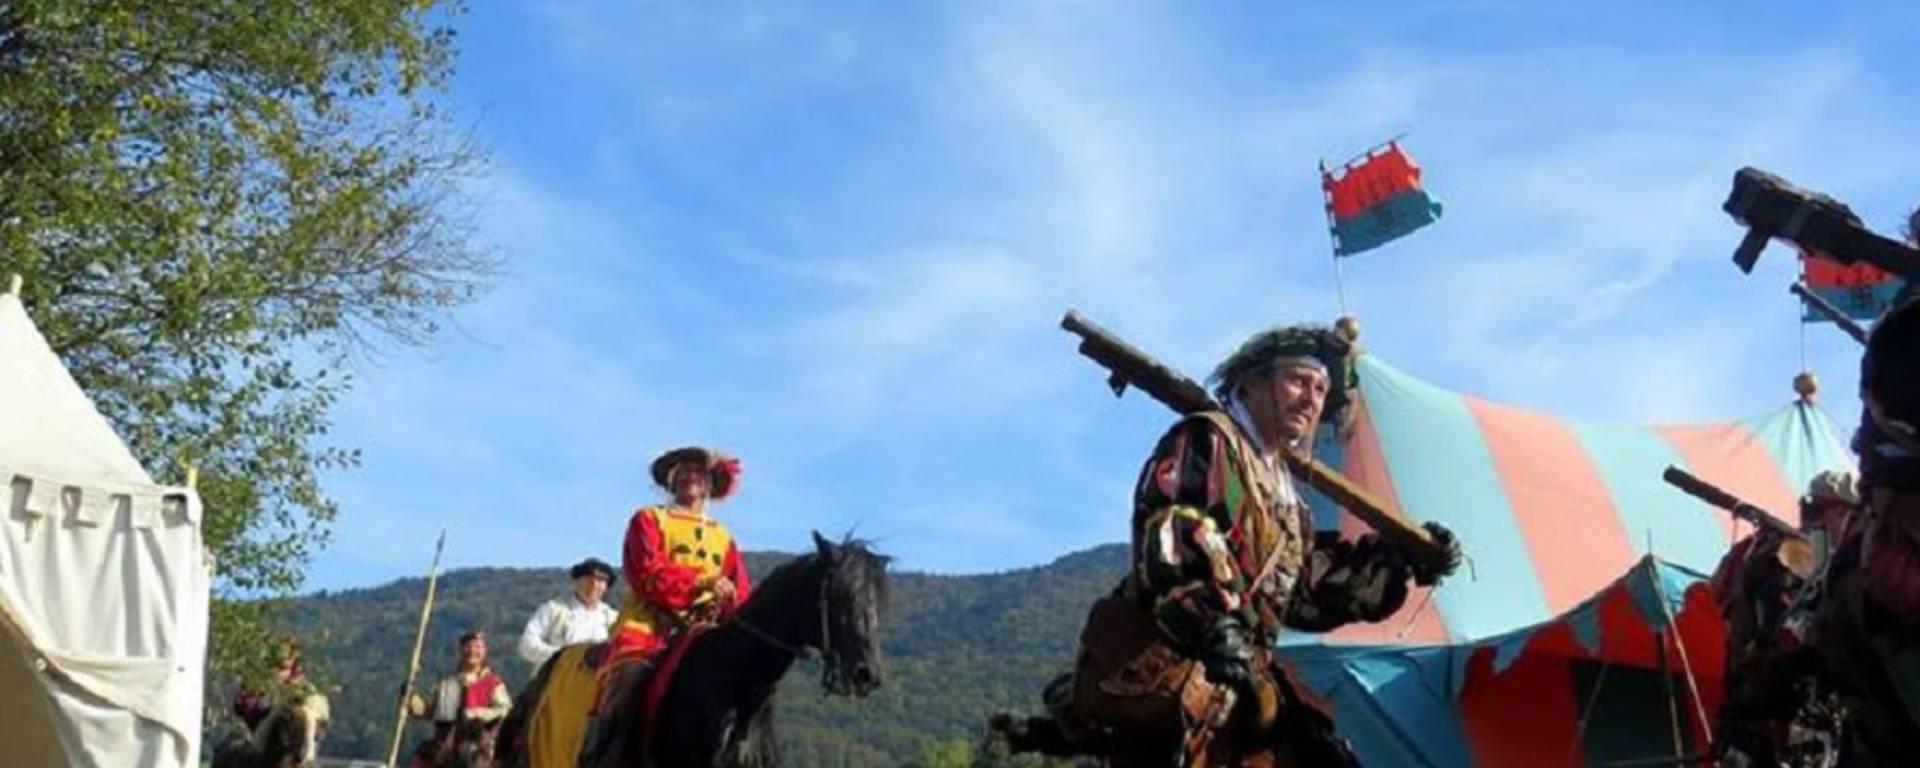 Rekonstitution  im Clos Lucé der Schlacht bei Marignano © DR